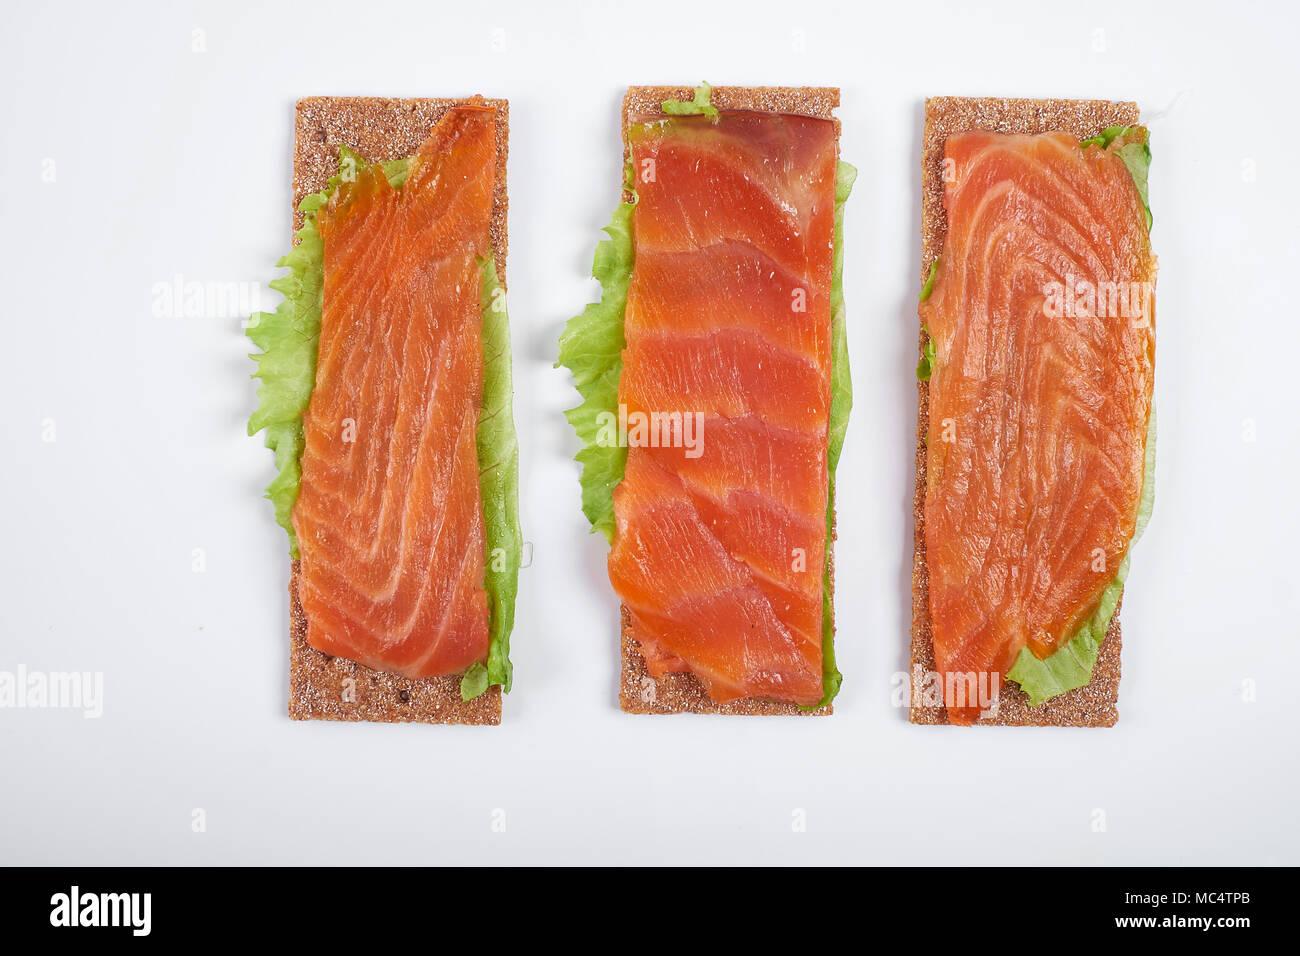 Faible apport calorique sandwich ouvert avec le poisson rouge. Isolé sur fond blanc. Photo Stock